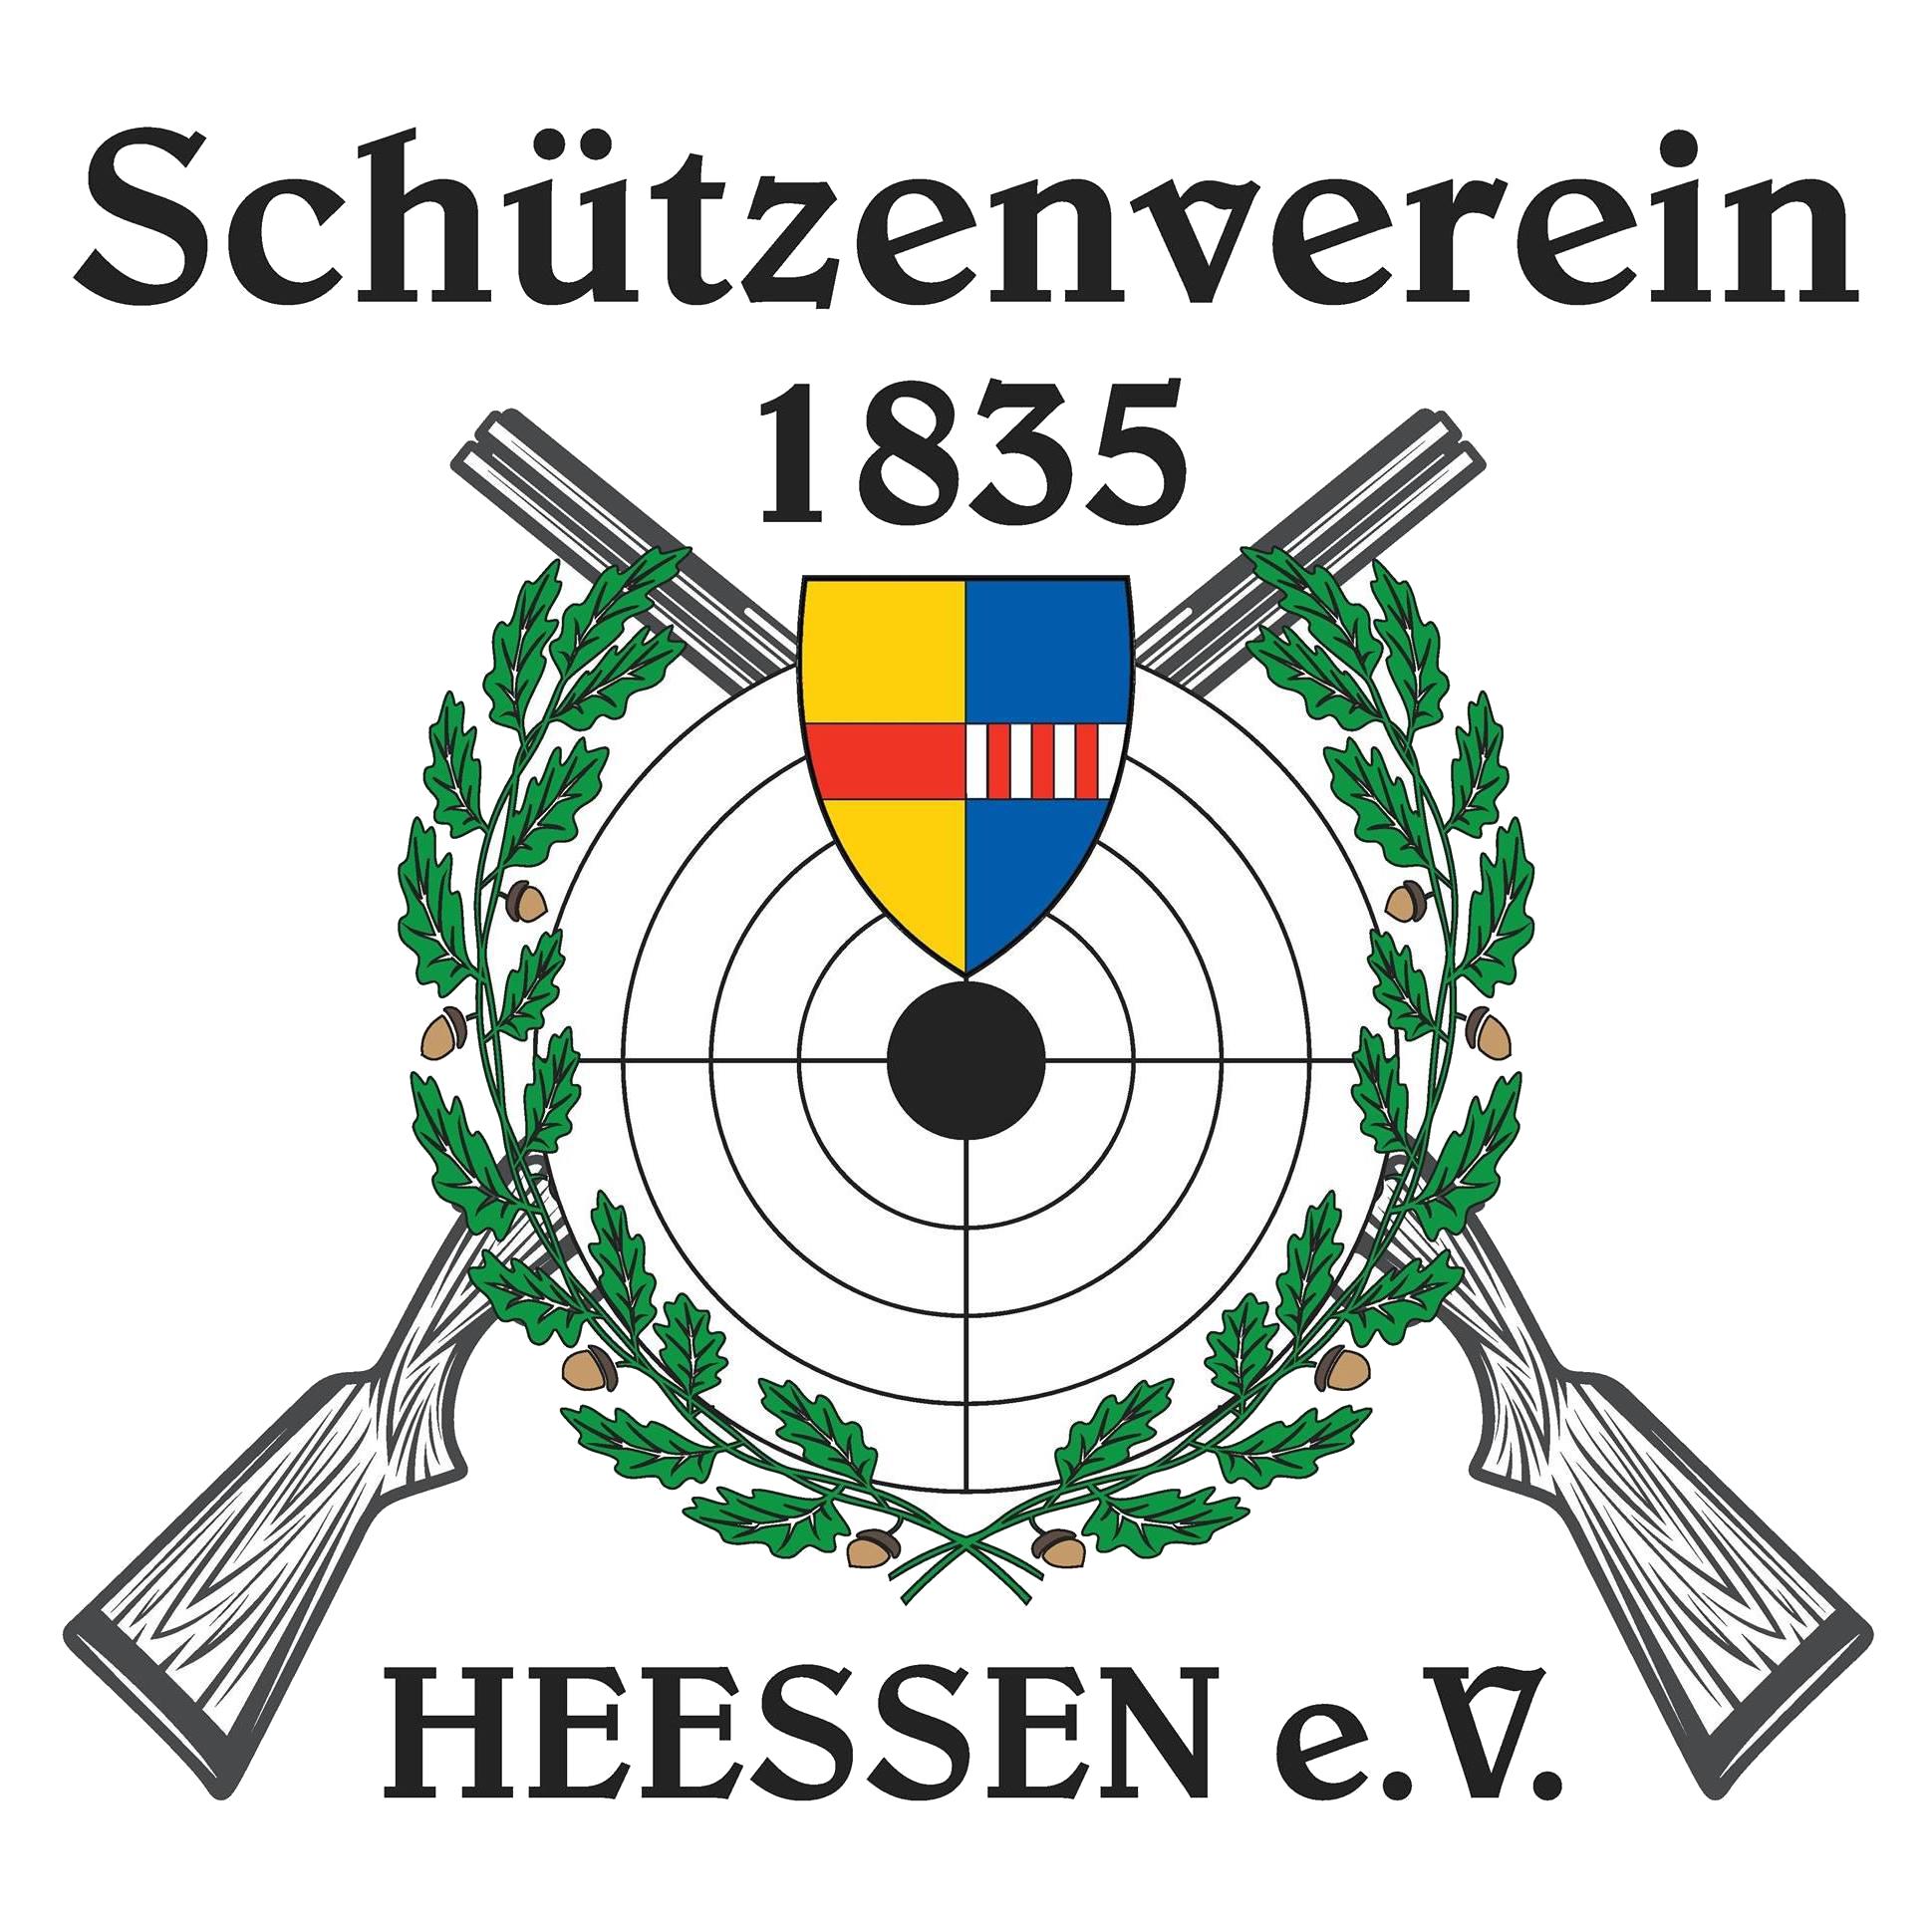 ᐅ Schützenverein Heessen